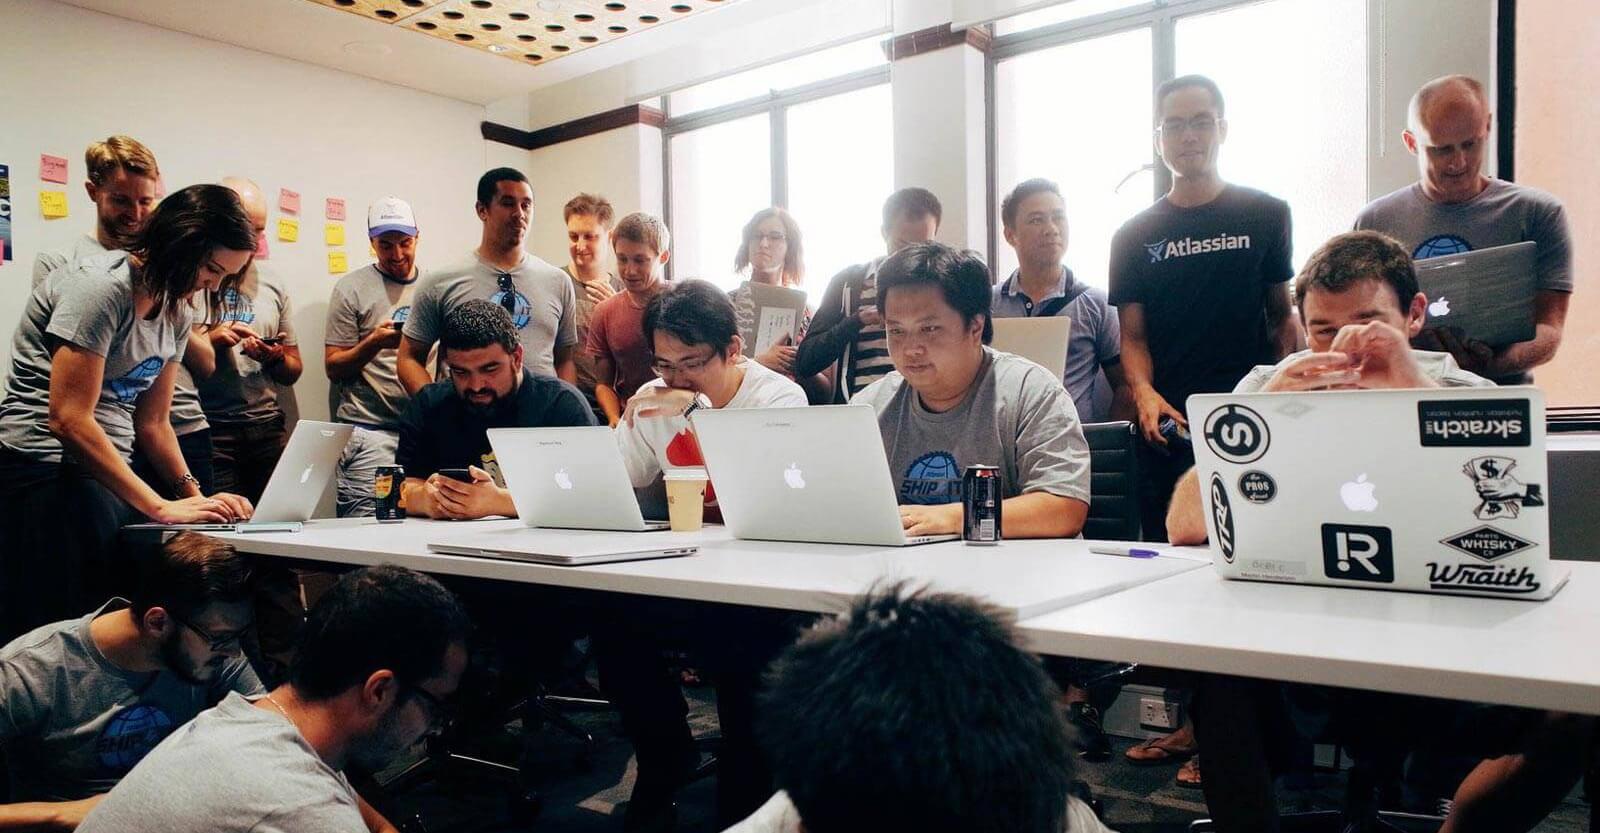 Сотрудники Atlassian участвуют в мероприятии ShipIt